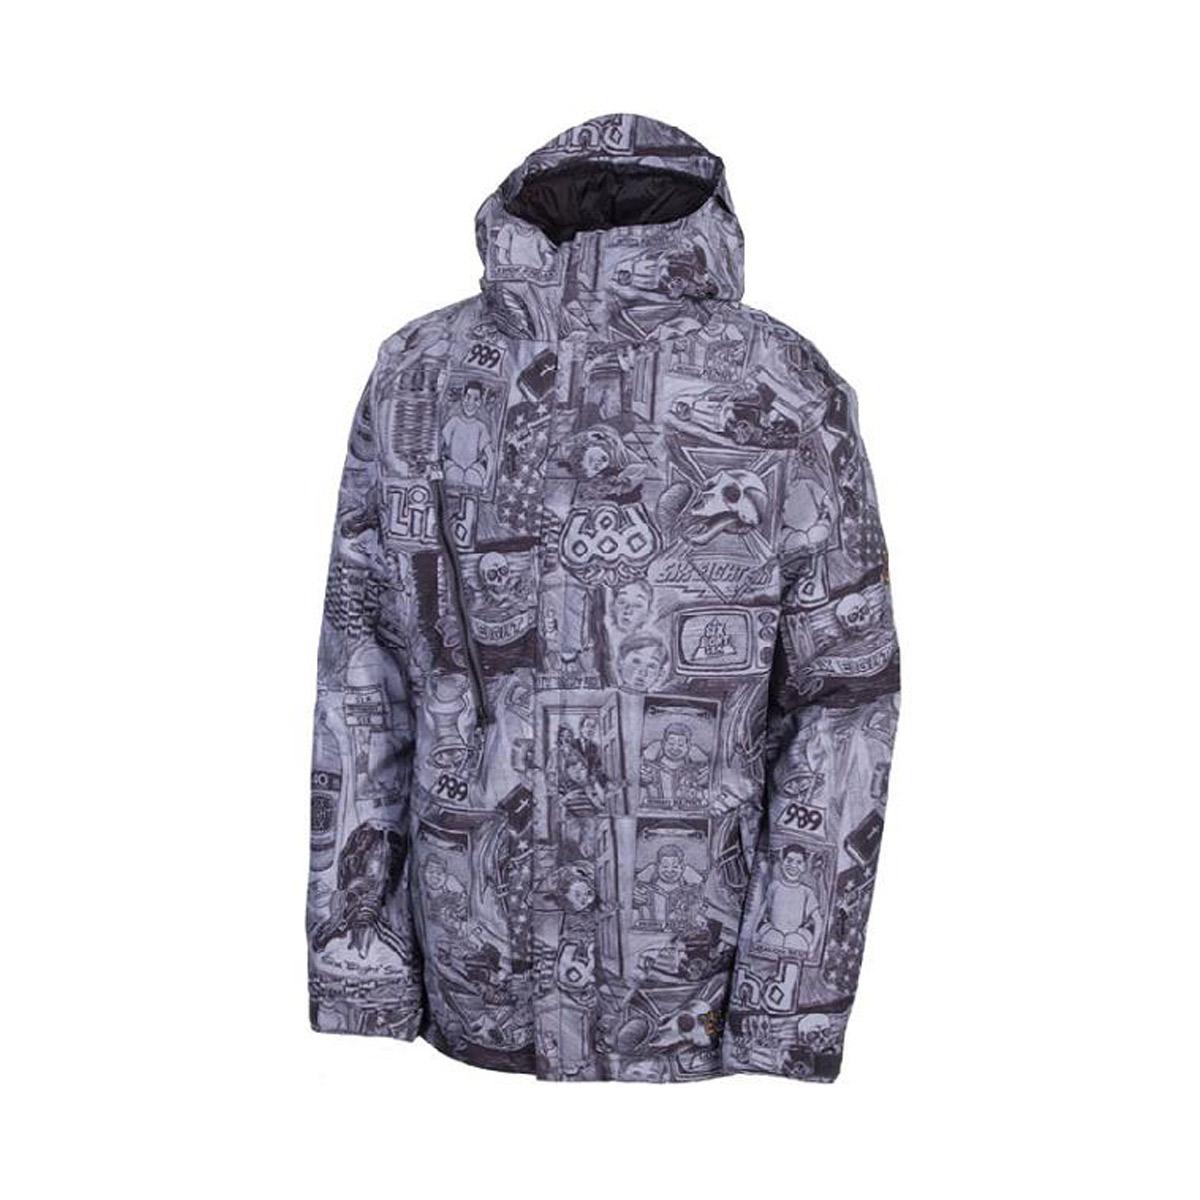 Куртки сноубордические 686 Blind Grey 2017